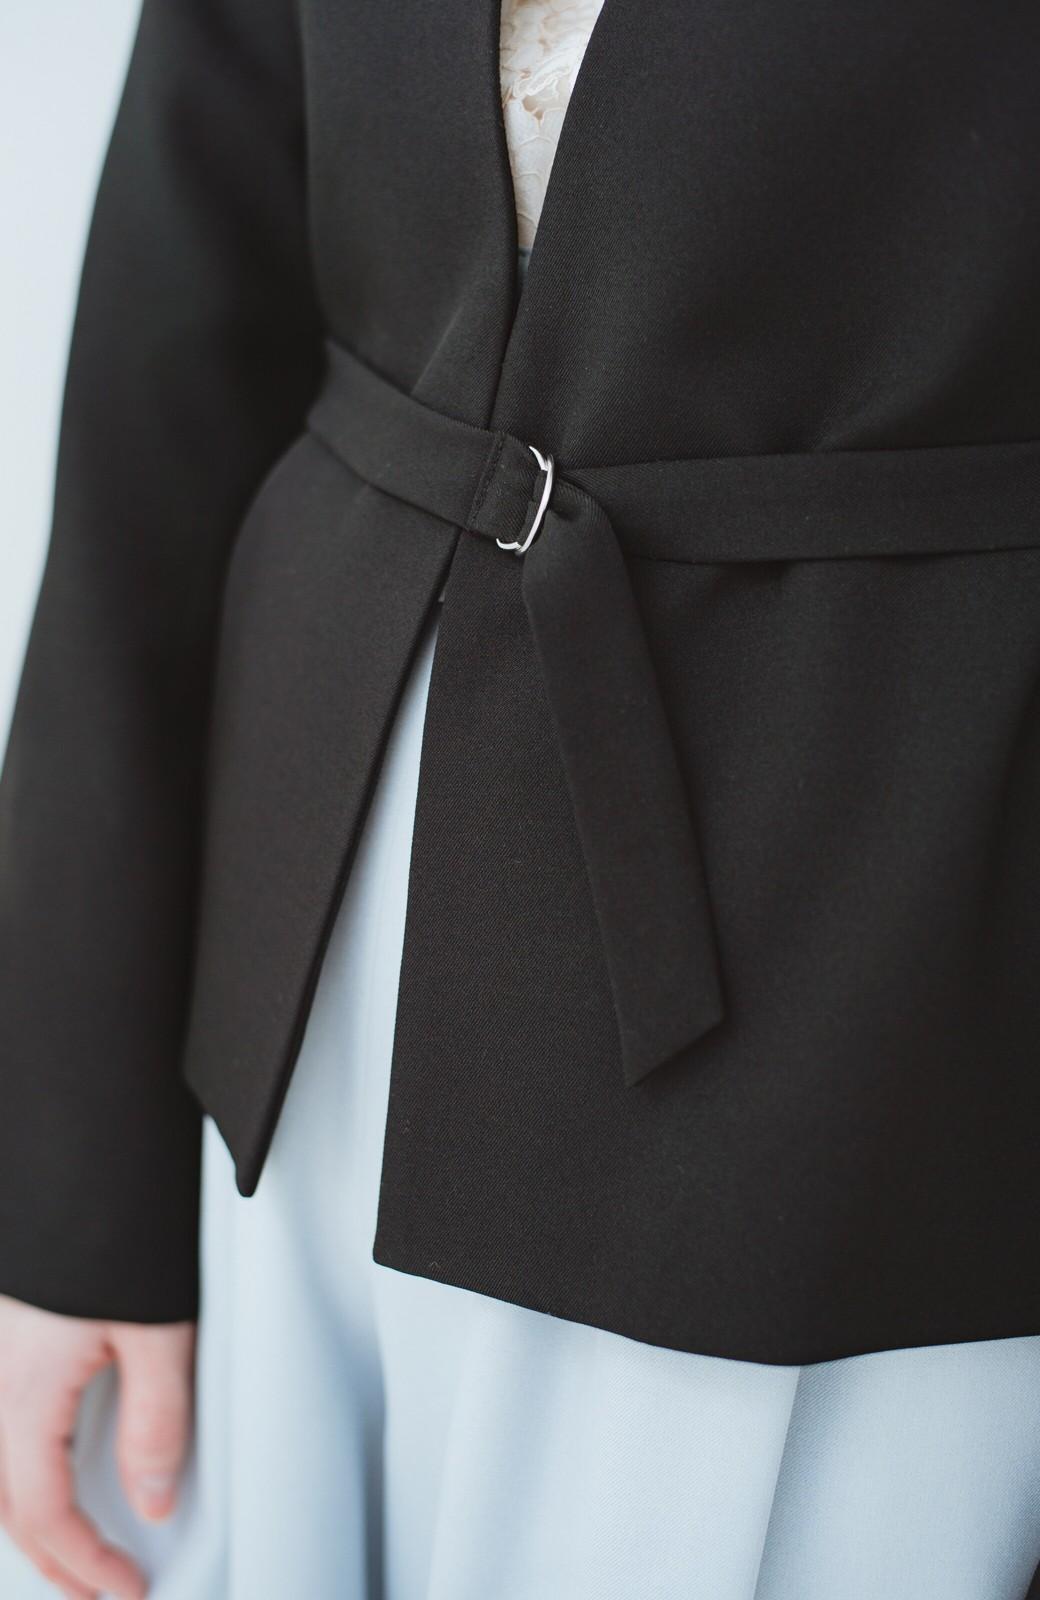 haco! 持っていると便利な 野暮ったくならないウエストベルト付きフォーマルジャケット <ブラック>の商品写真3